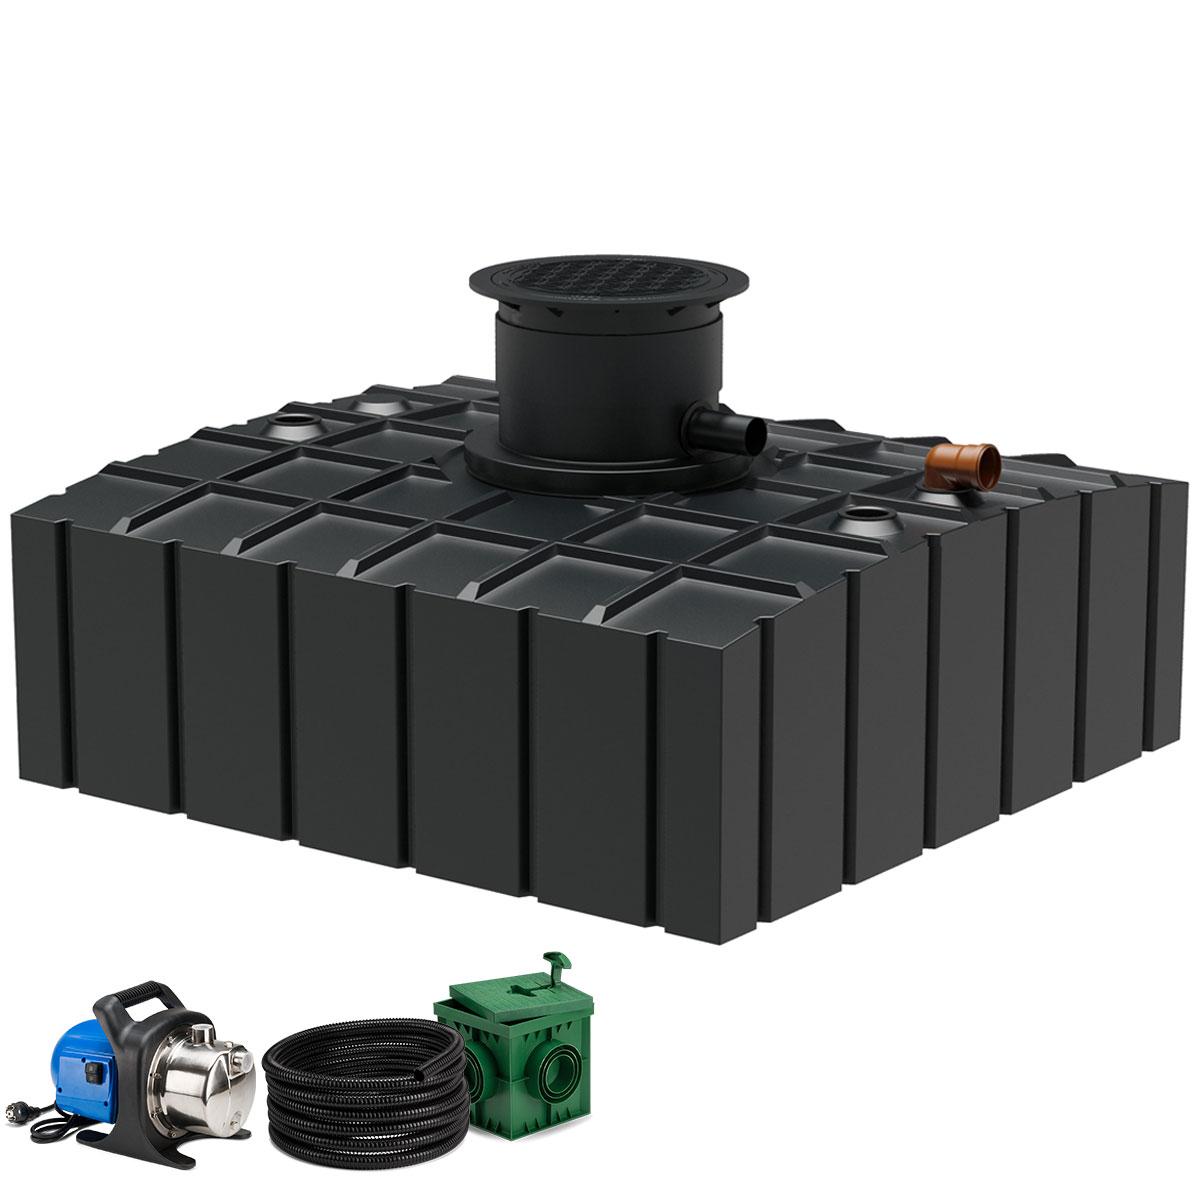 regenwasseranlage ft aqa.line 4150 liter garten | gartenbewässerung